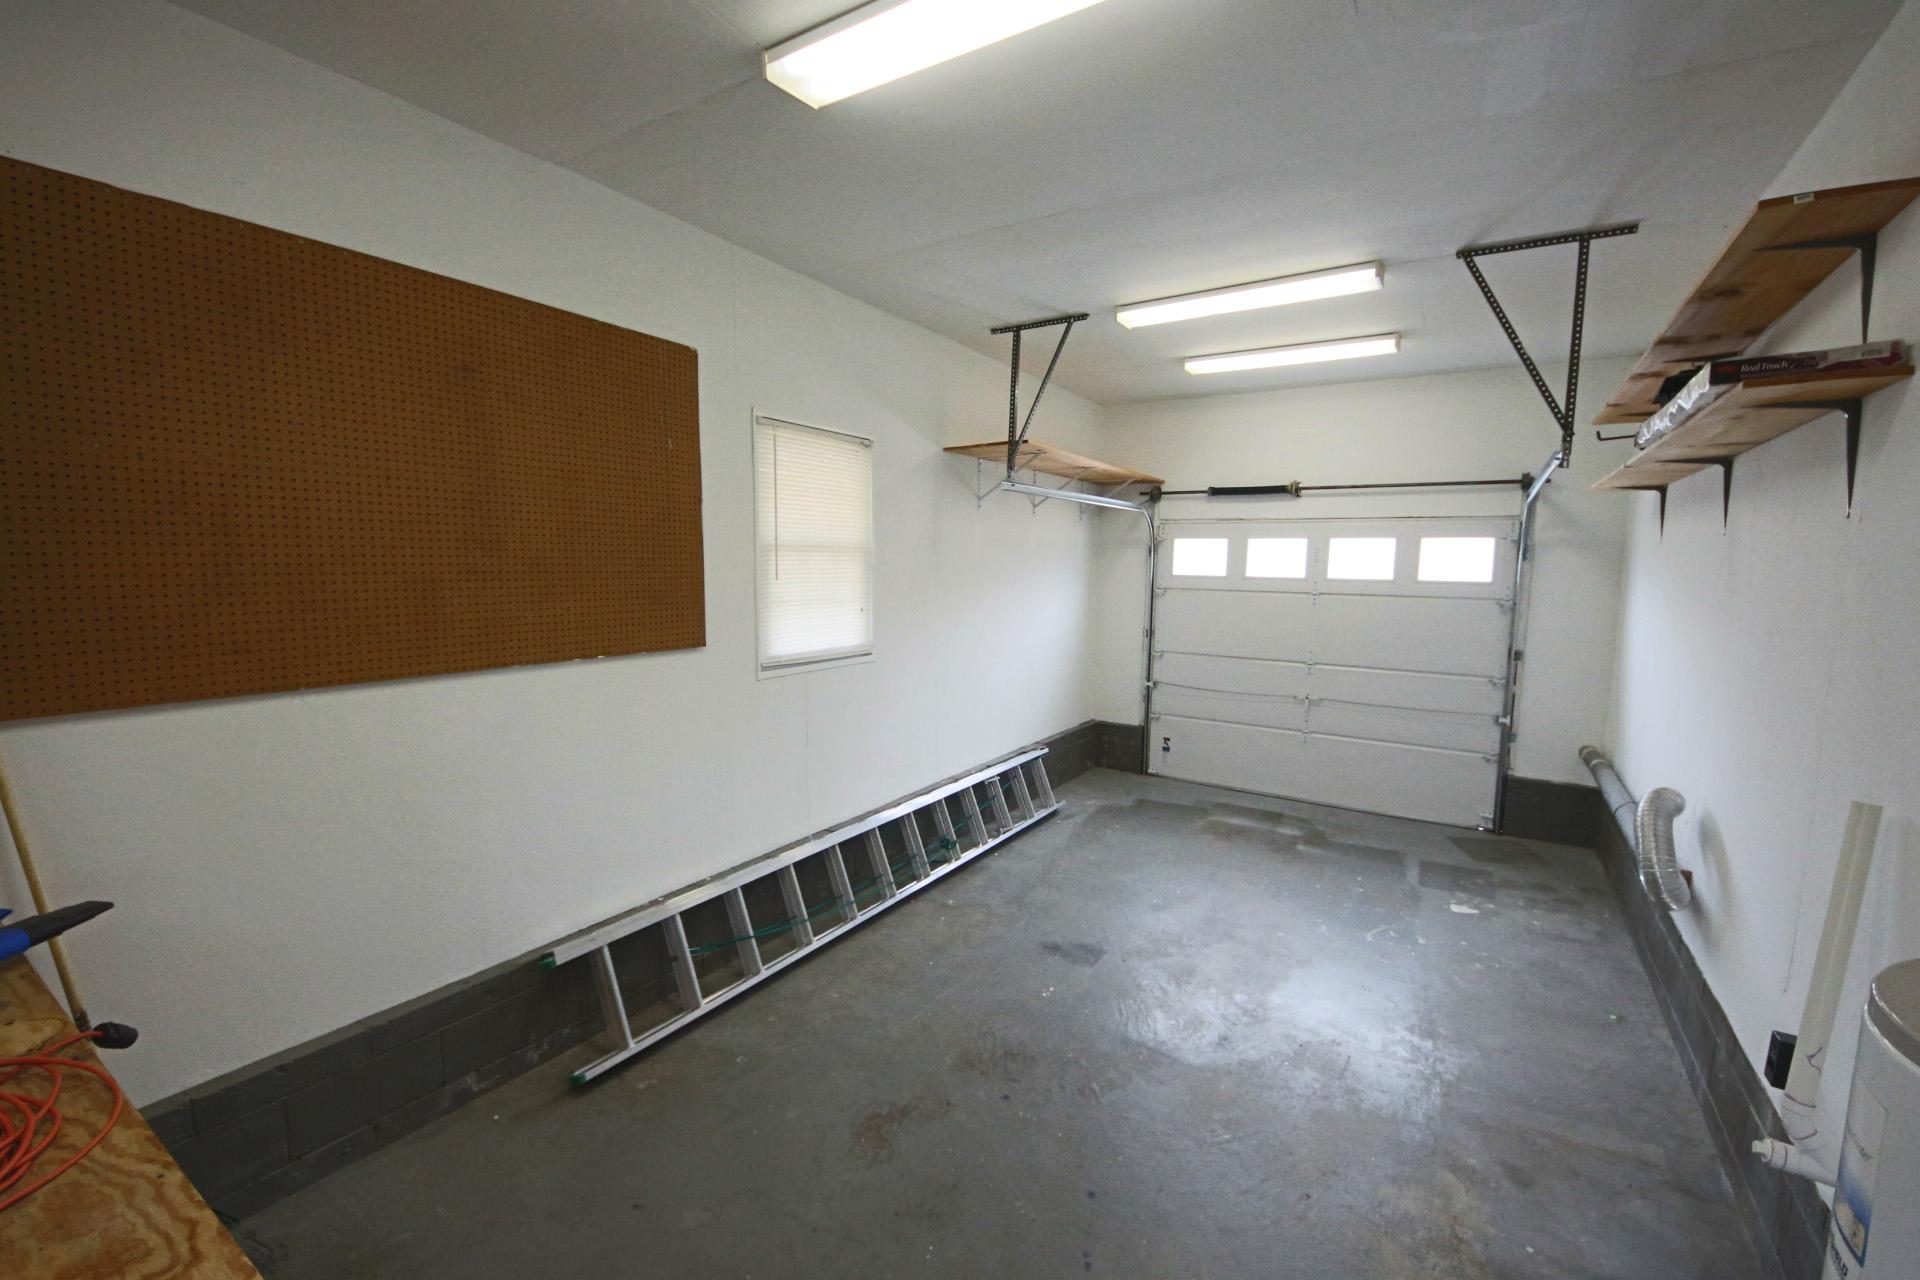 19. Garage